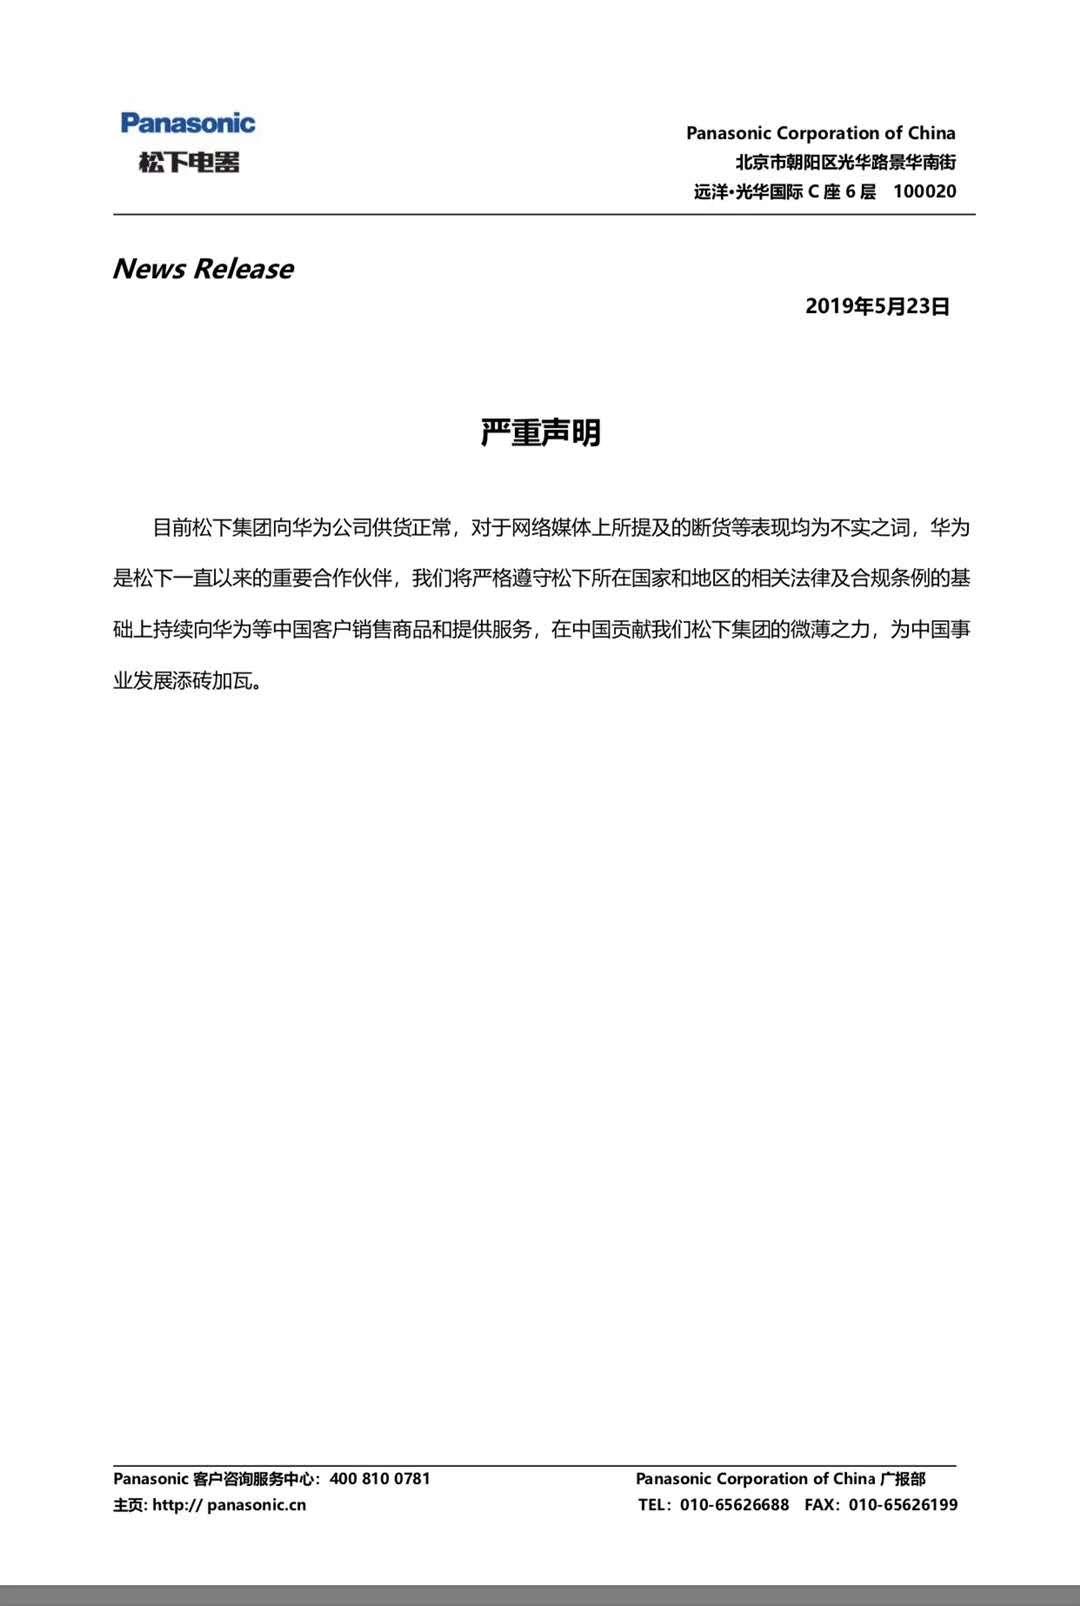 """松下""""严重声明"""":对华为供货正常,为中国事业发展添砖加瓦_法国新闻_法国中文网"""